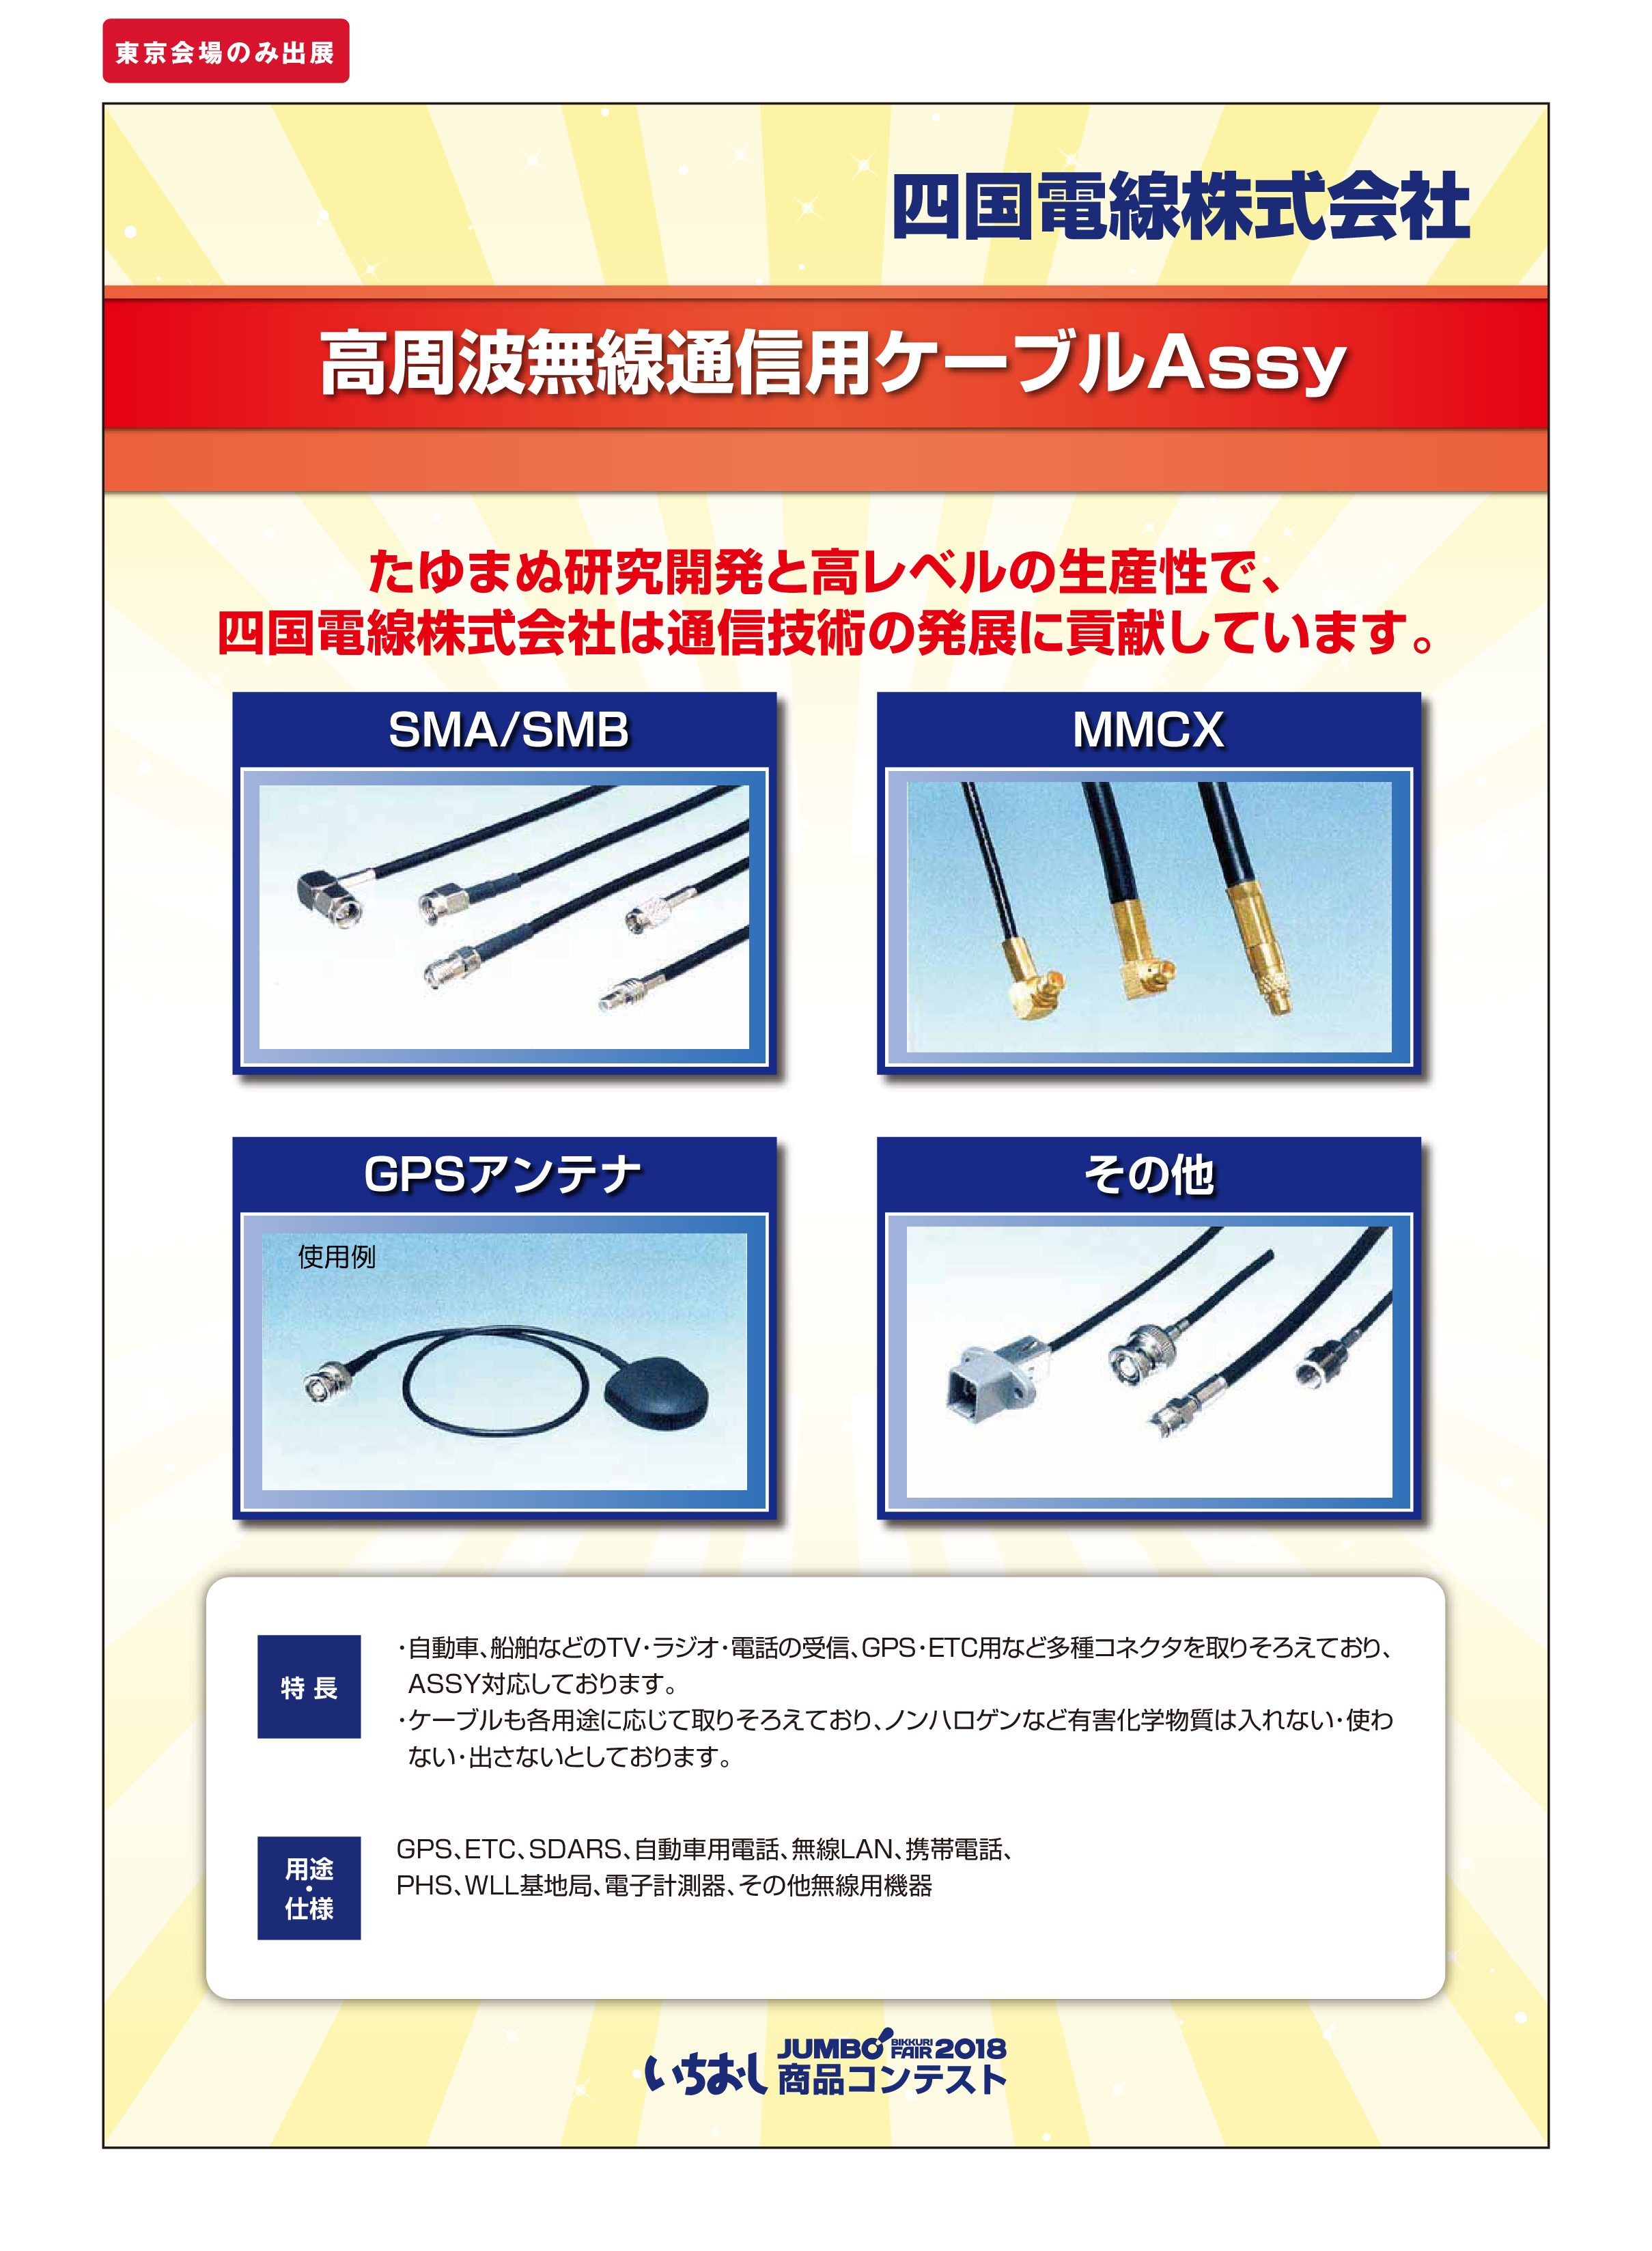 「高周波無線通信用ケーブルAssy」四国電線株式会社の画像